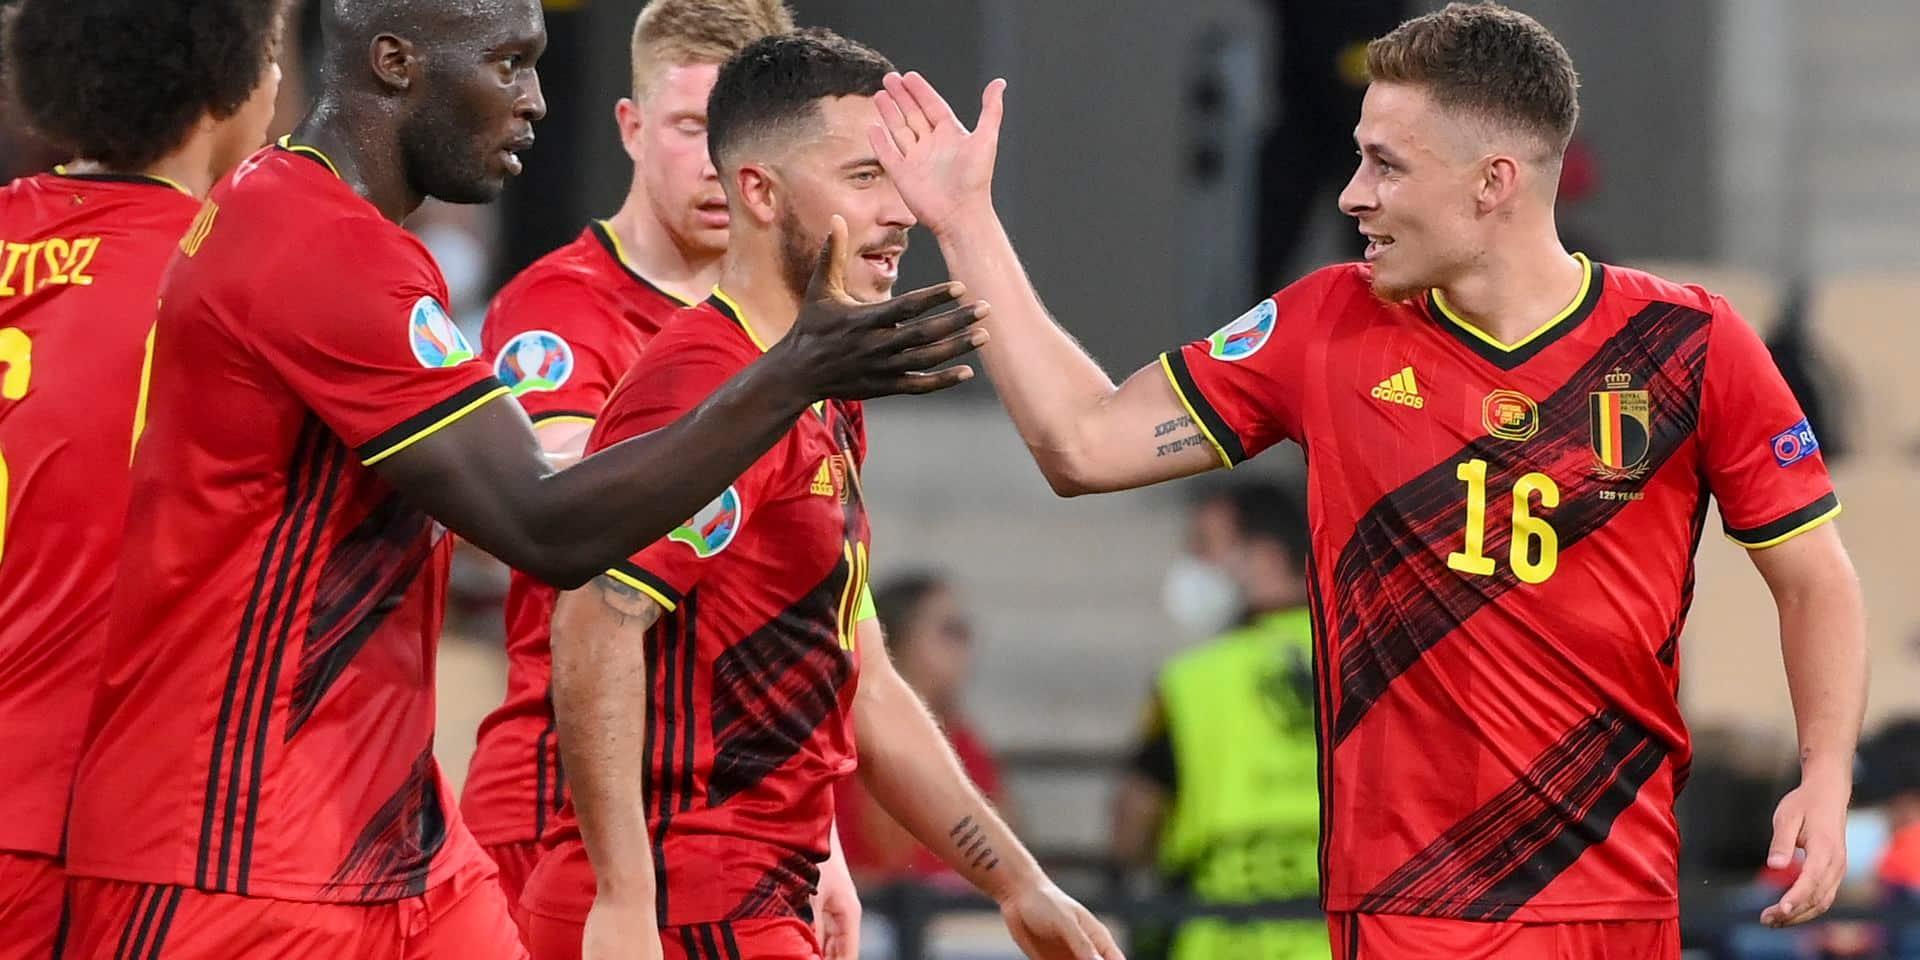 """""""Tellement fier"""", """"Enorme victoire"""",""""Personnalité et résilience"""", """"Je t'aime"""" : les Diables réagissent à la victoire contre le Portugal"""